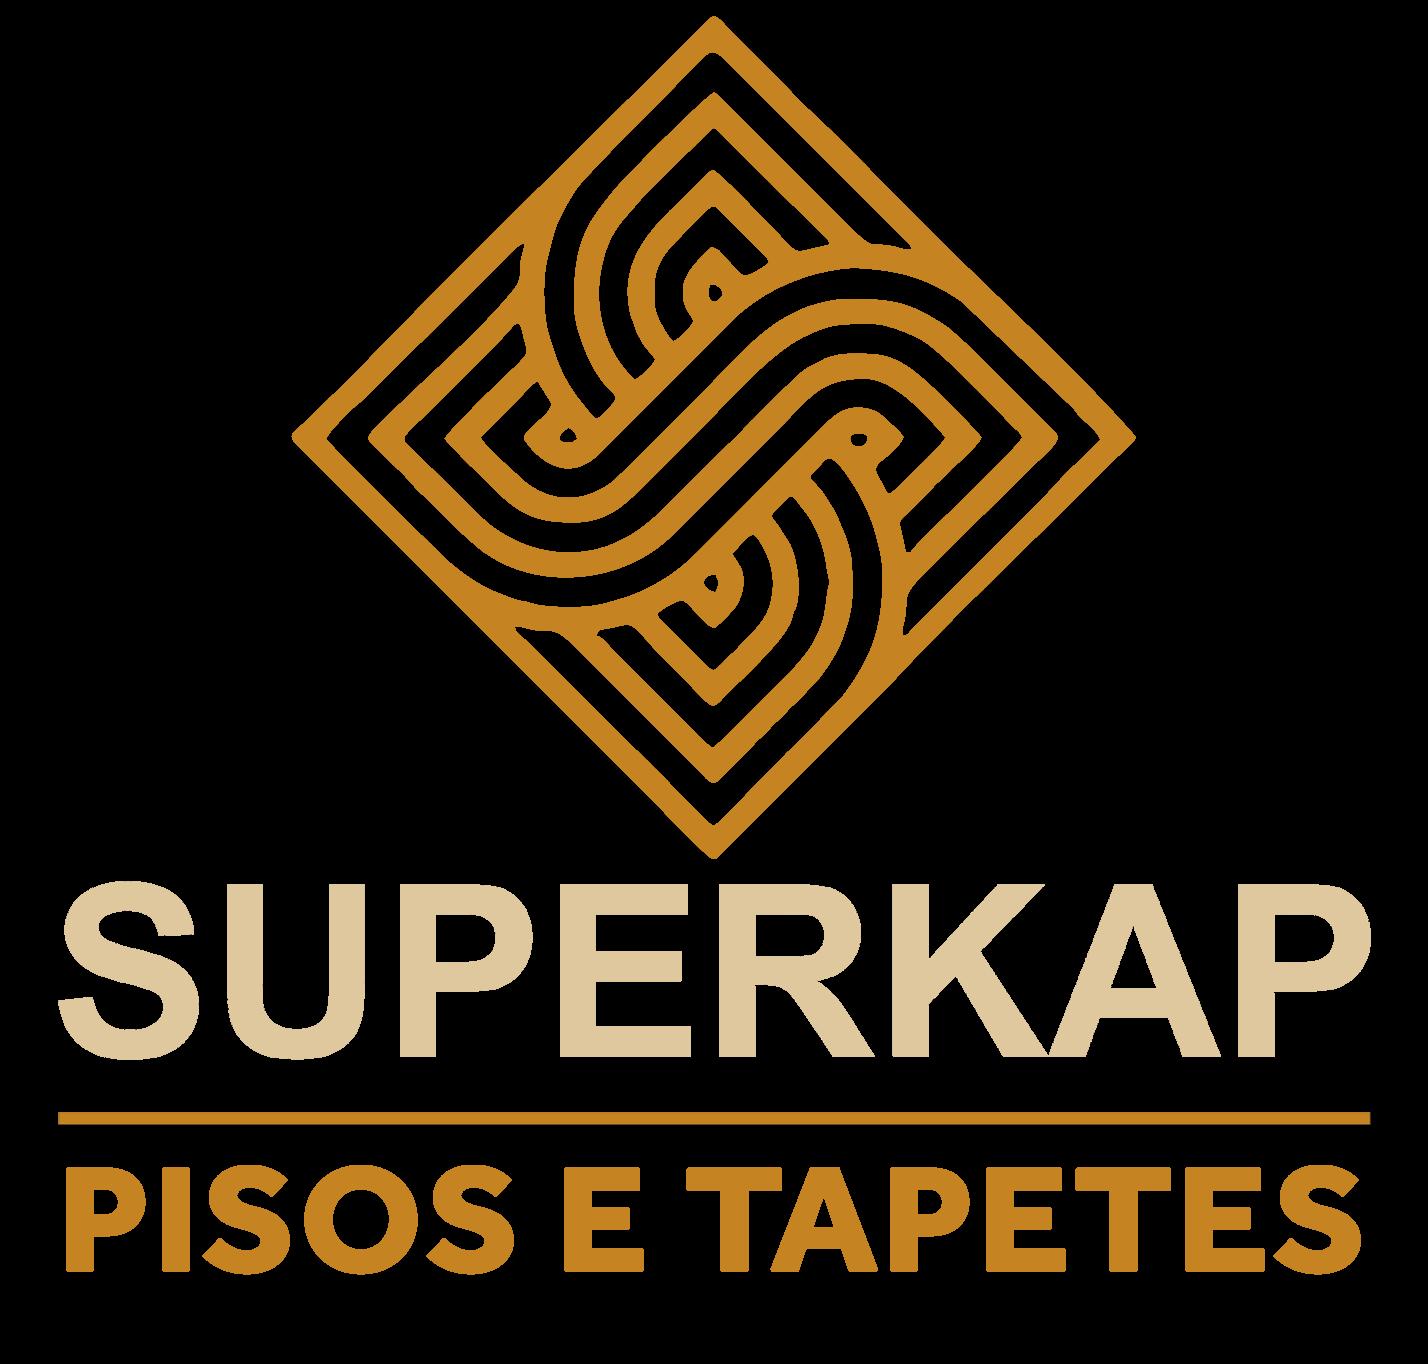 SUPERKAP - PISOS E TAPETES